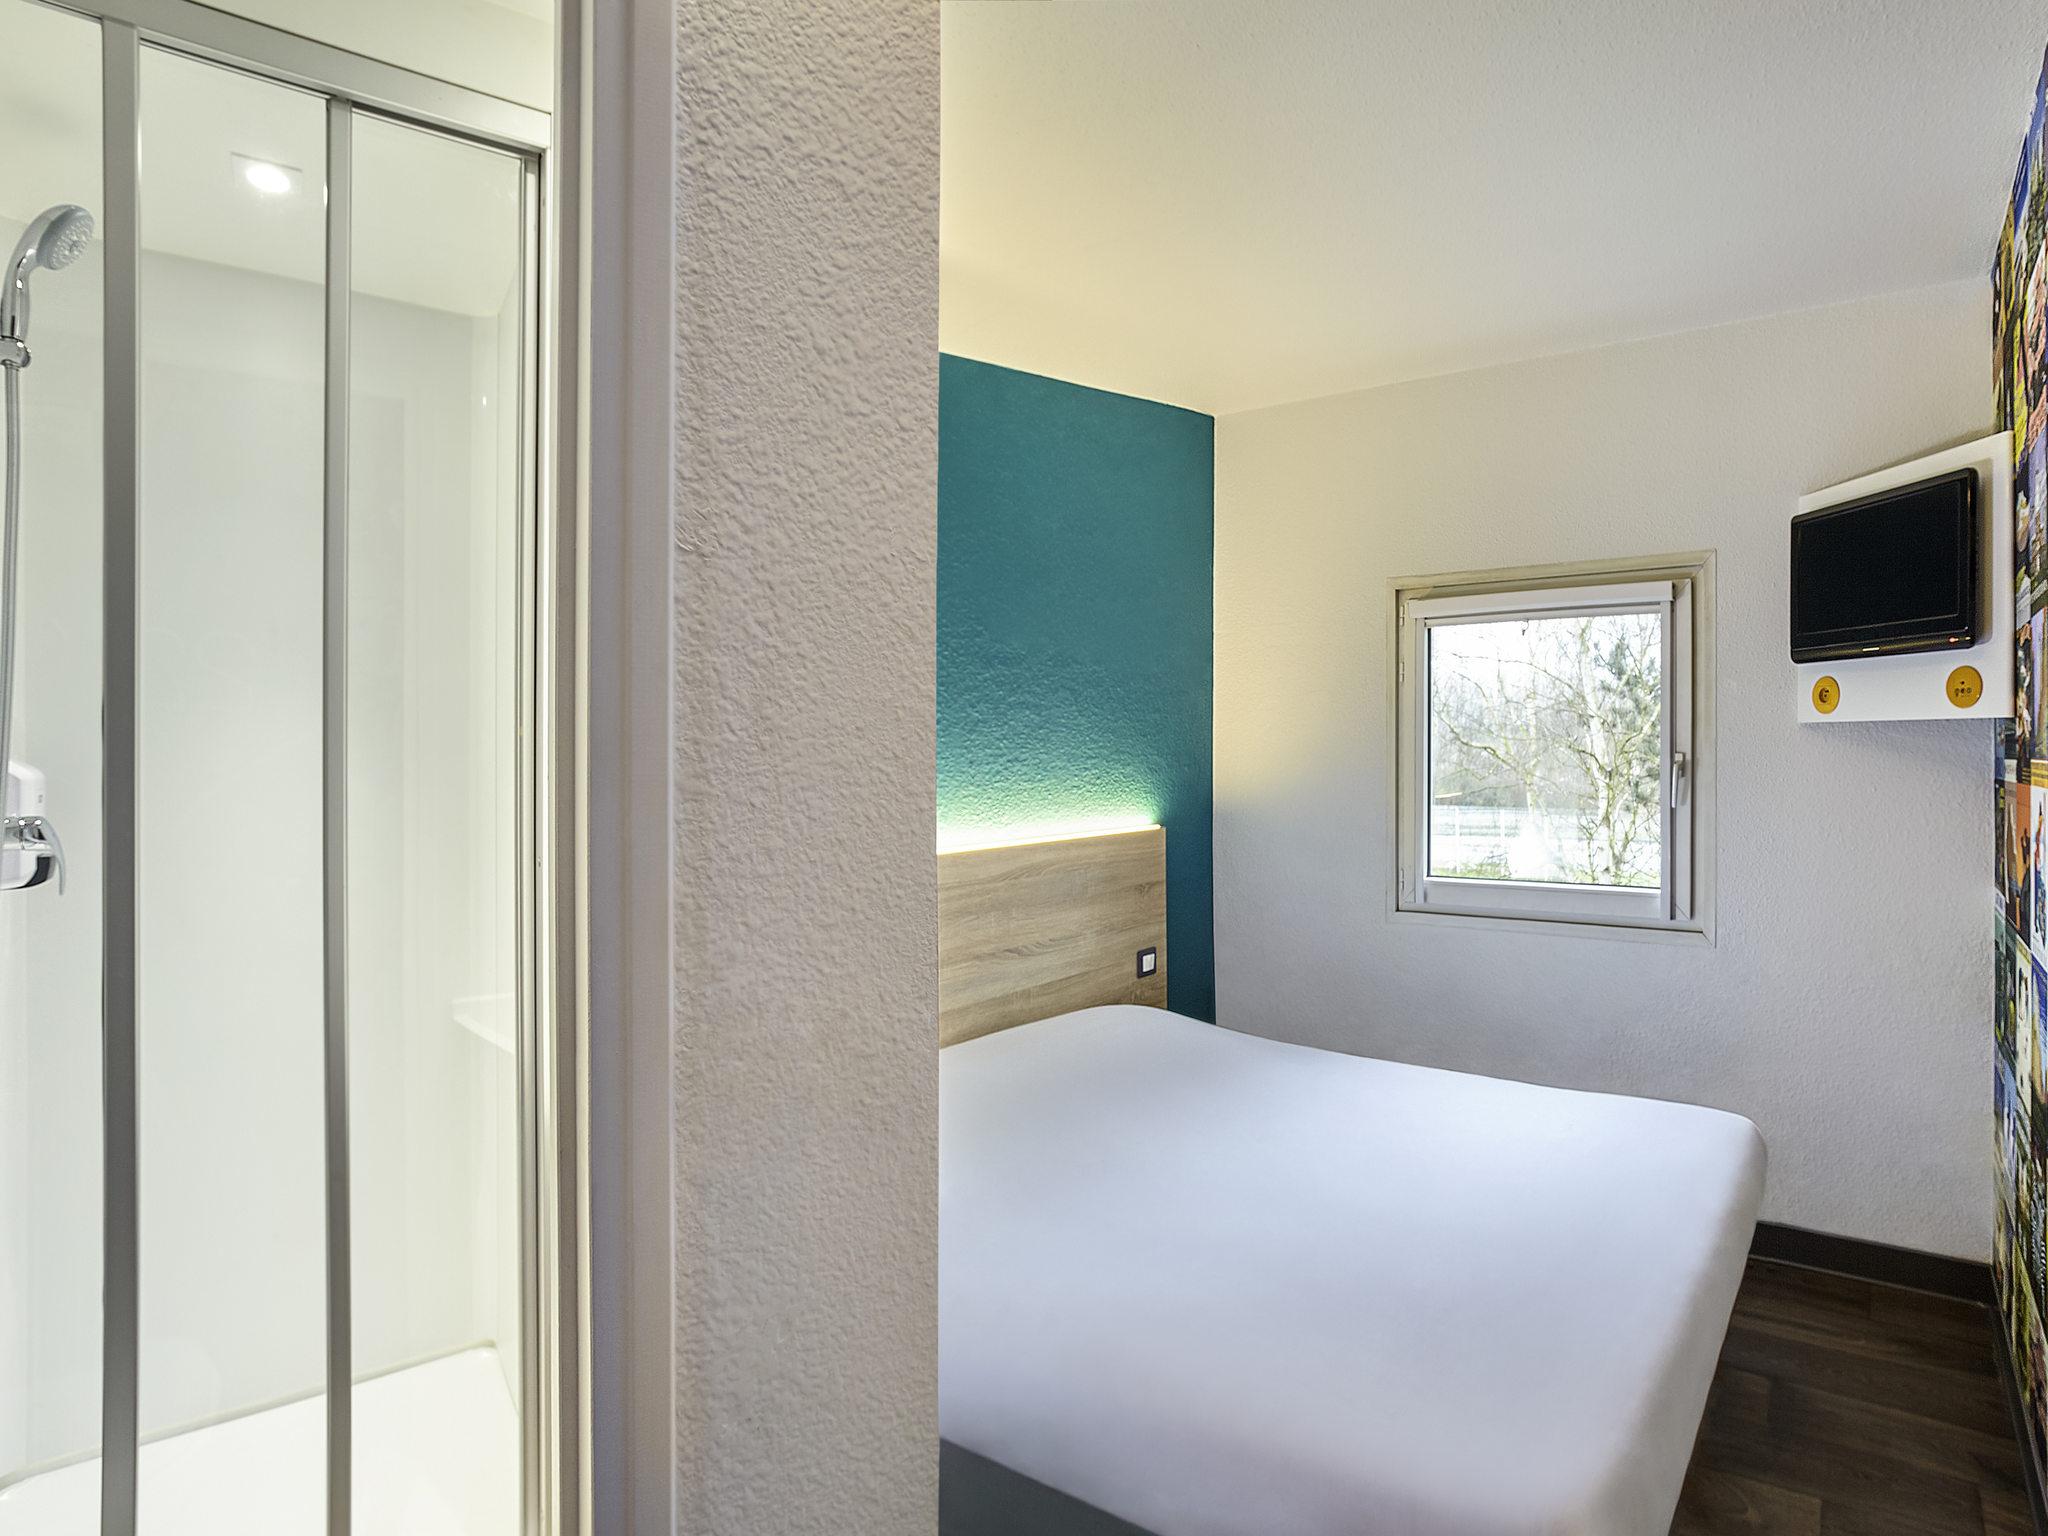 فندق - hotelF1 Poitiers Nord Futuroscope